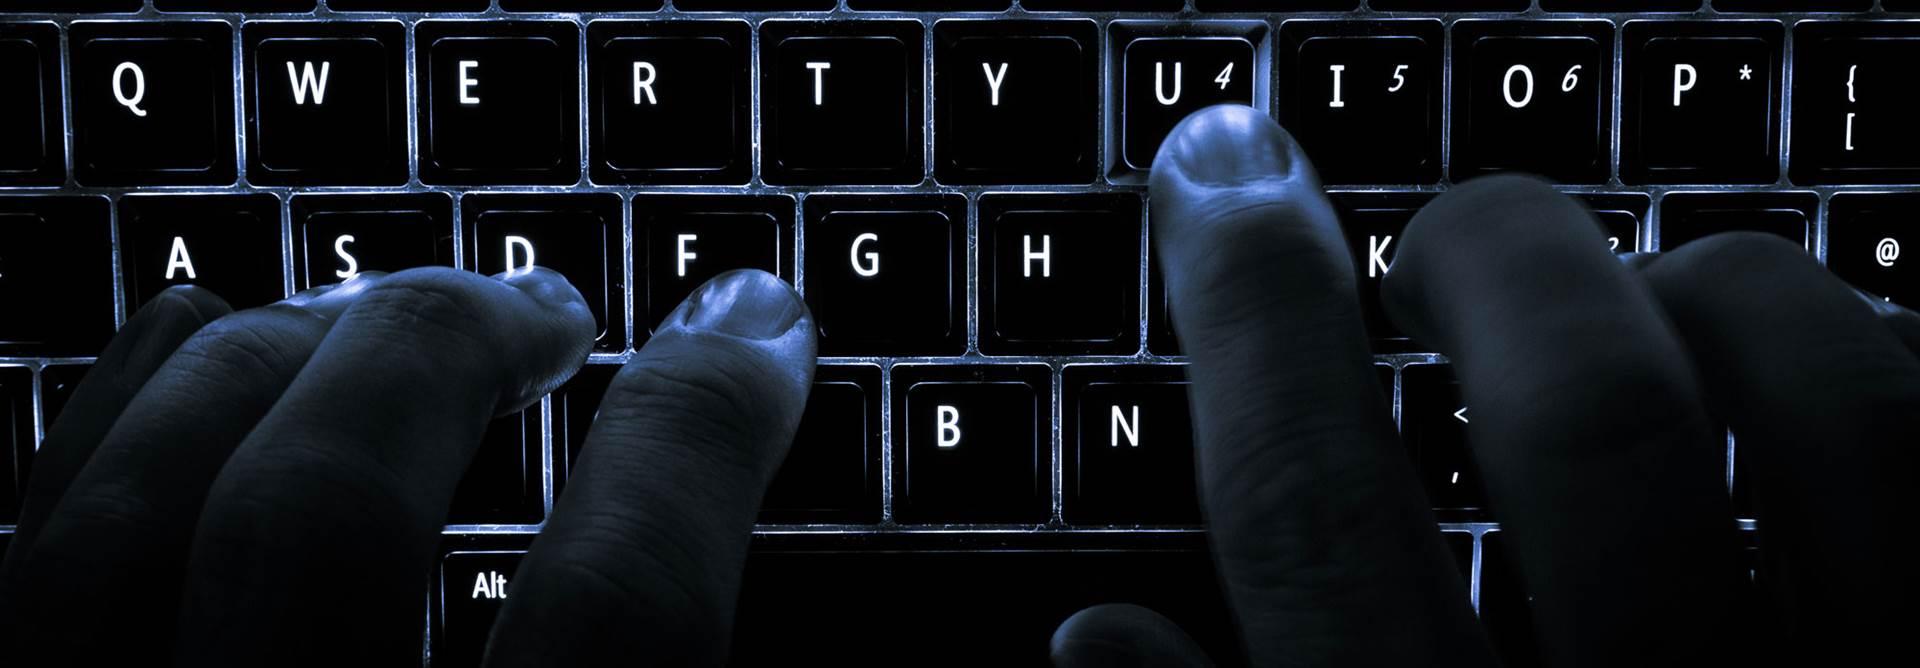 Balkanski džihadisti još uvijek sigurni na internetu